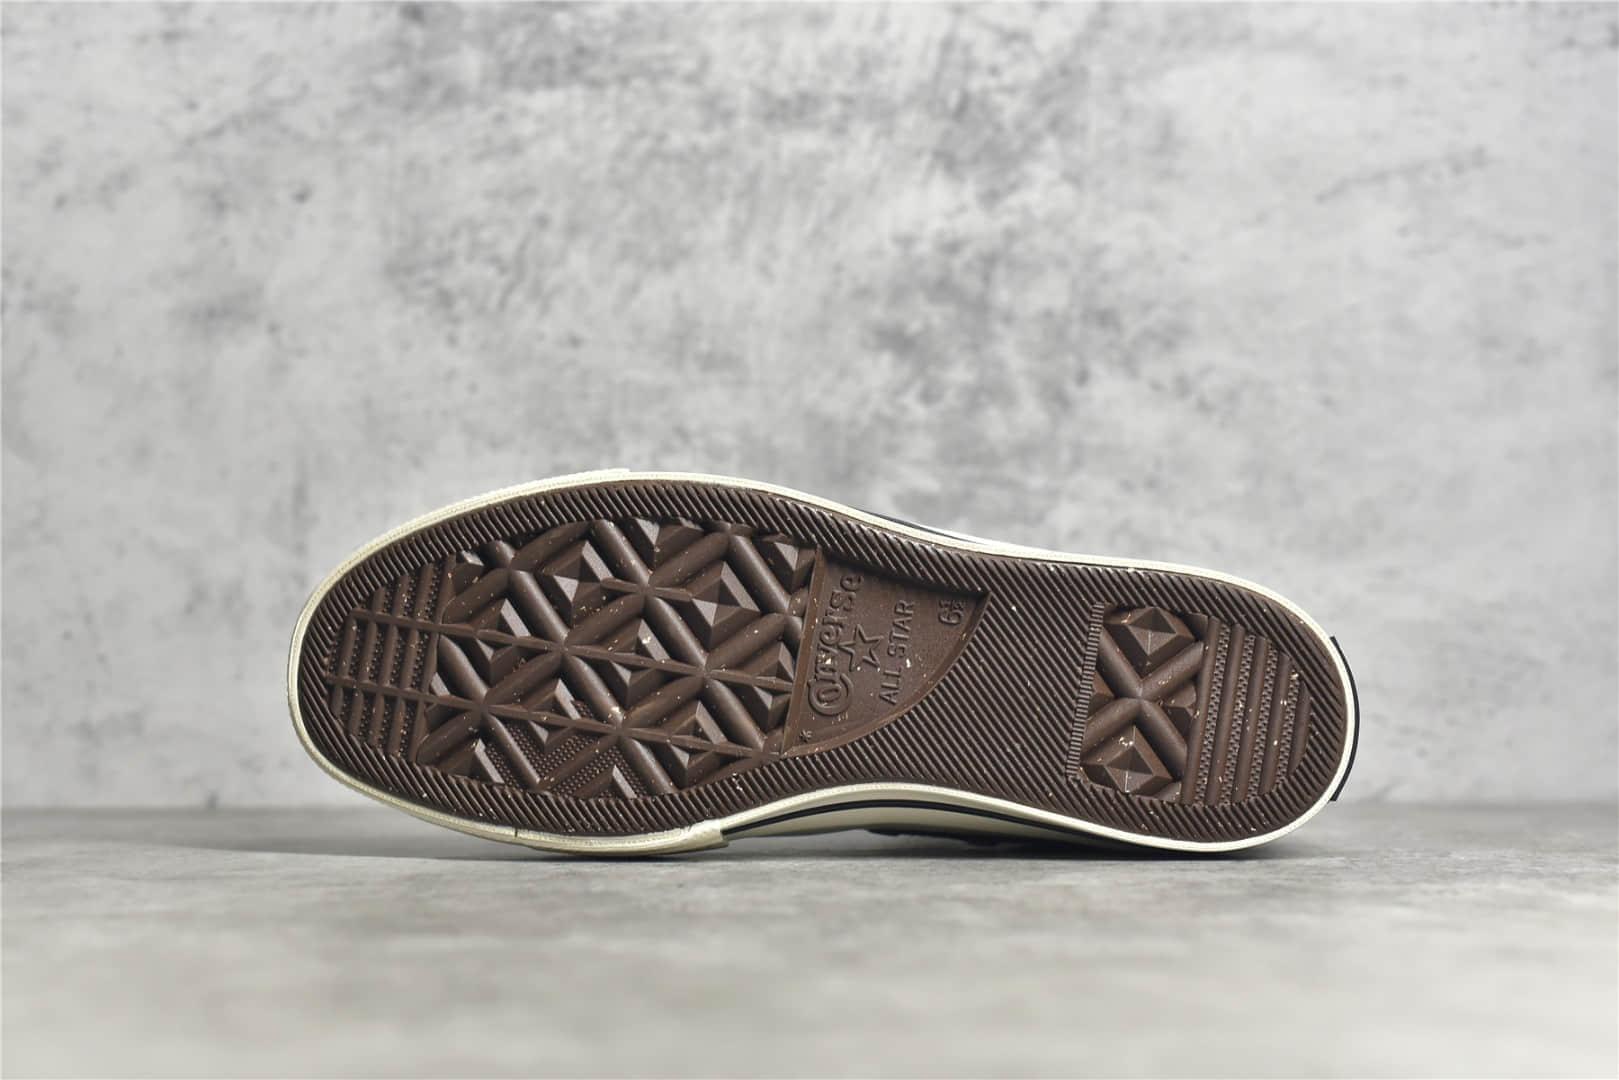 匡威新款拼色高帮帆布鞋 Converse 1970S 2021 匡威2021新款 匡威1970S高帮 货号:170838C-潮流者之家